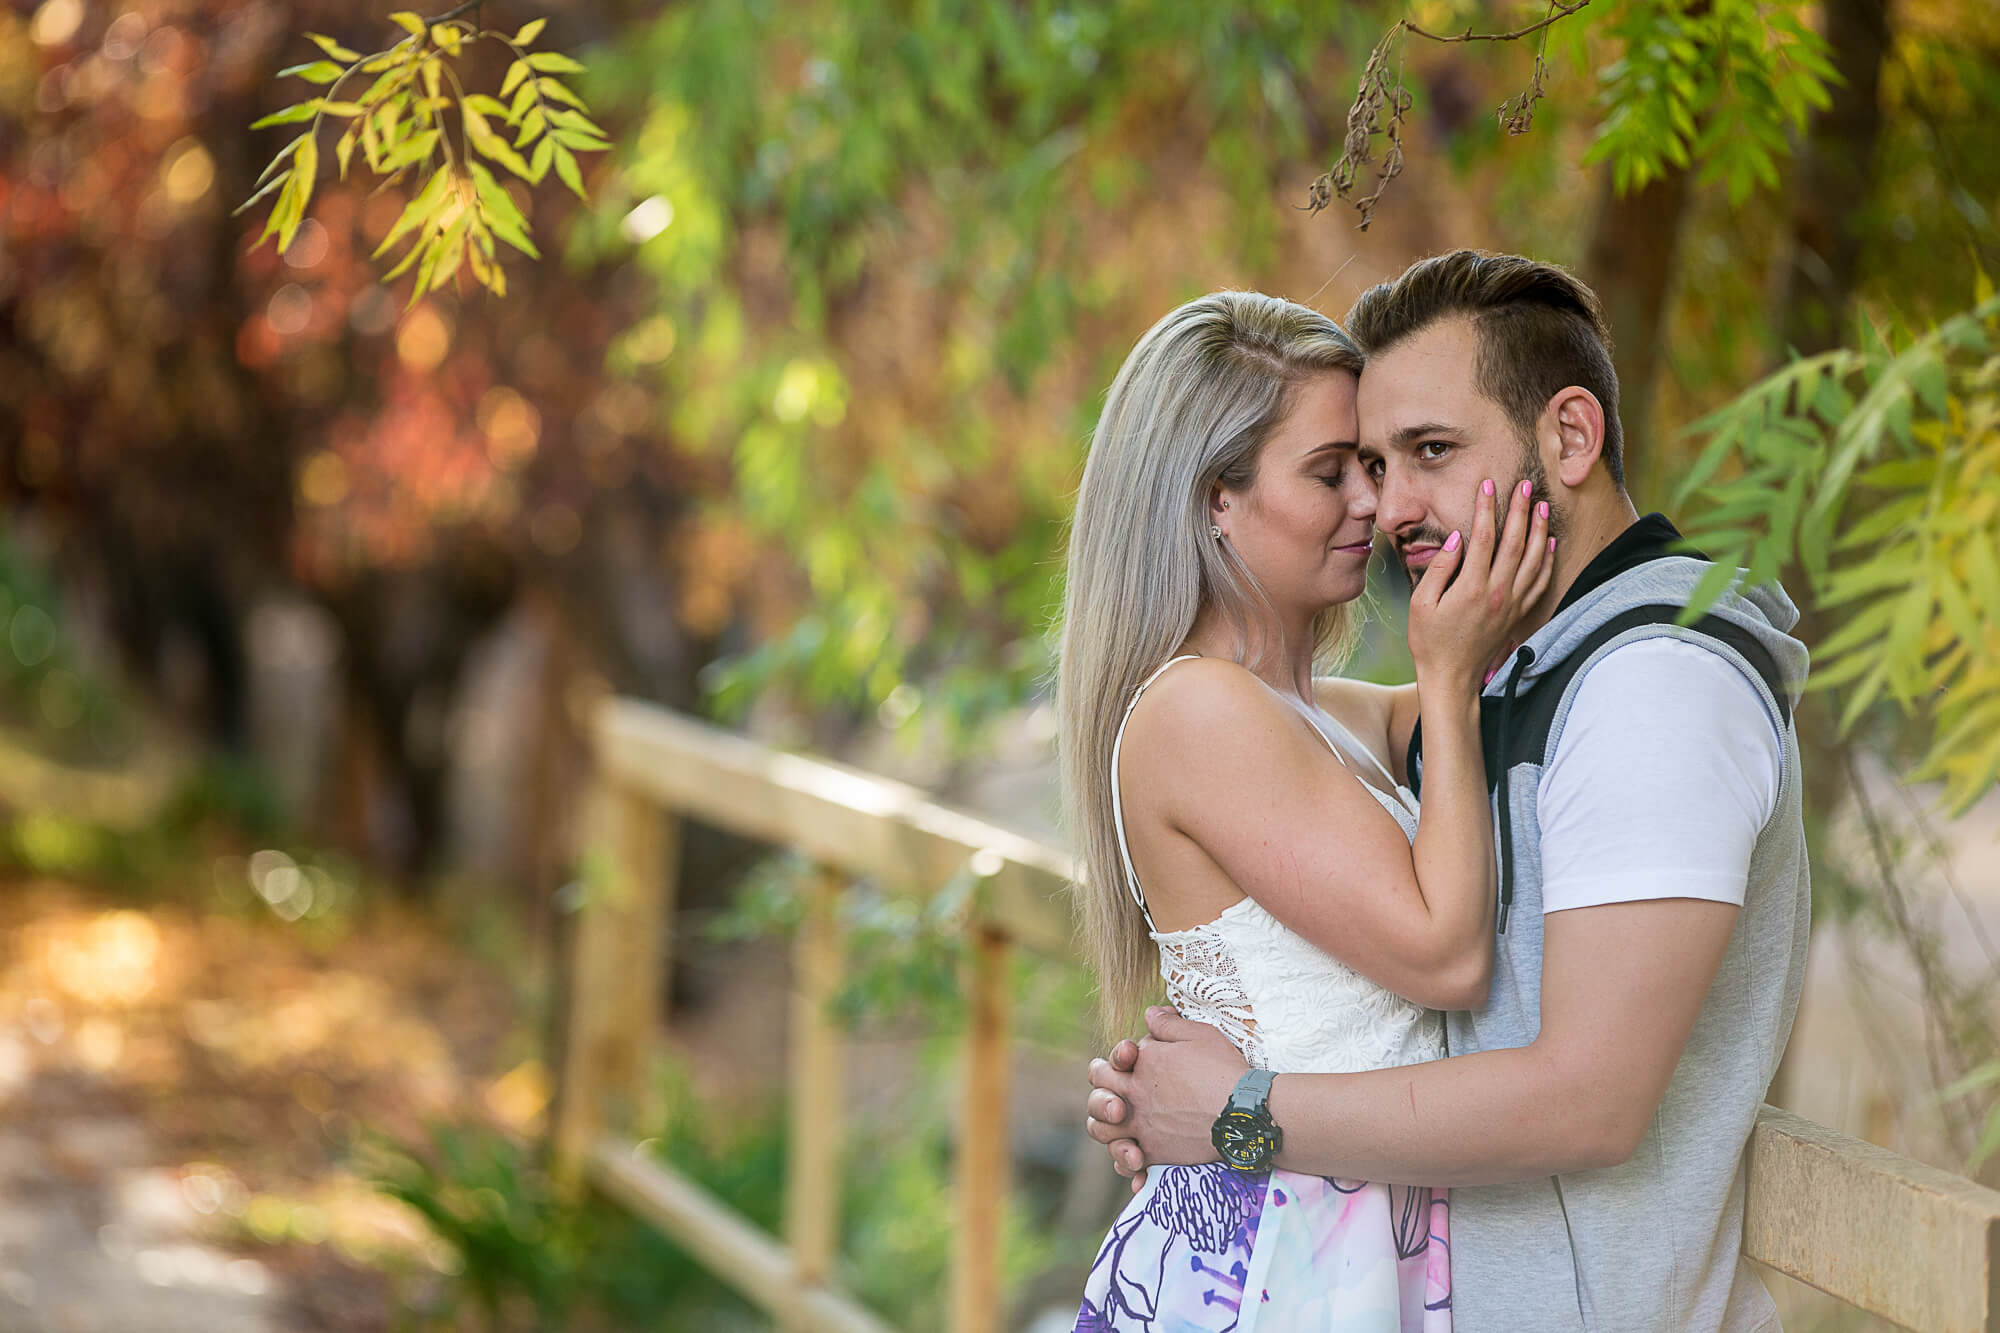 Chamar 'querida', 'linda', 'princesa' ou 'amor' à tua companheira, aumenta a satisfação na relação amorosa em cerca de 16%